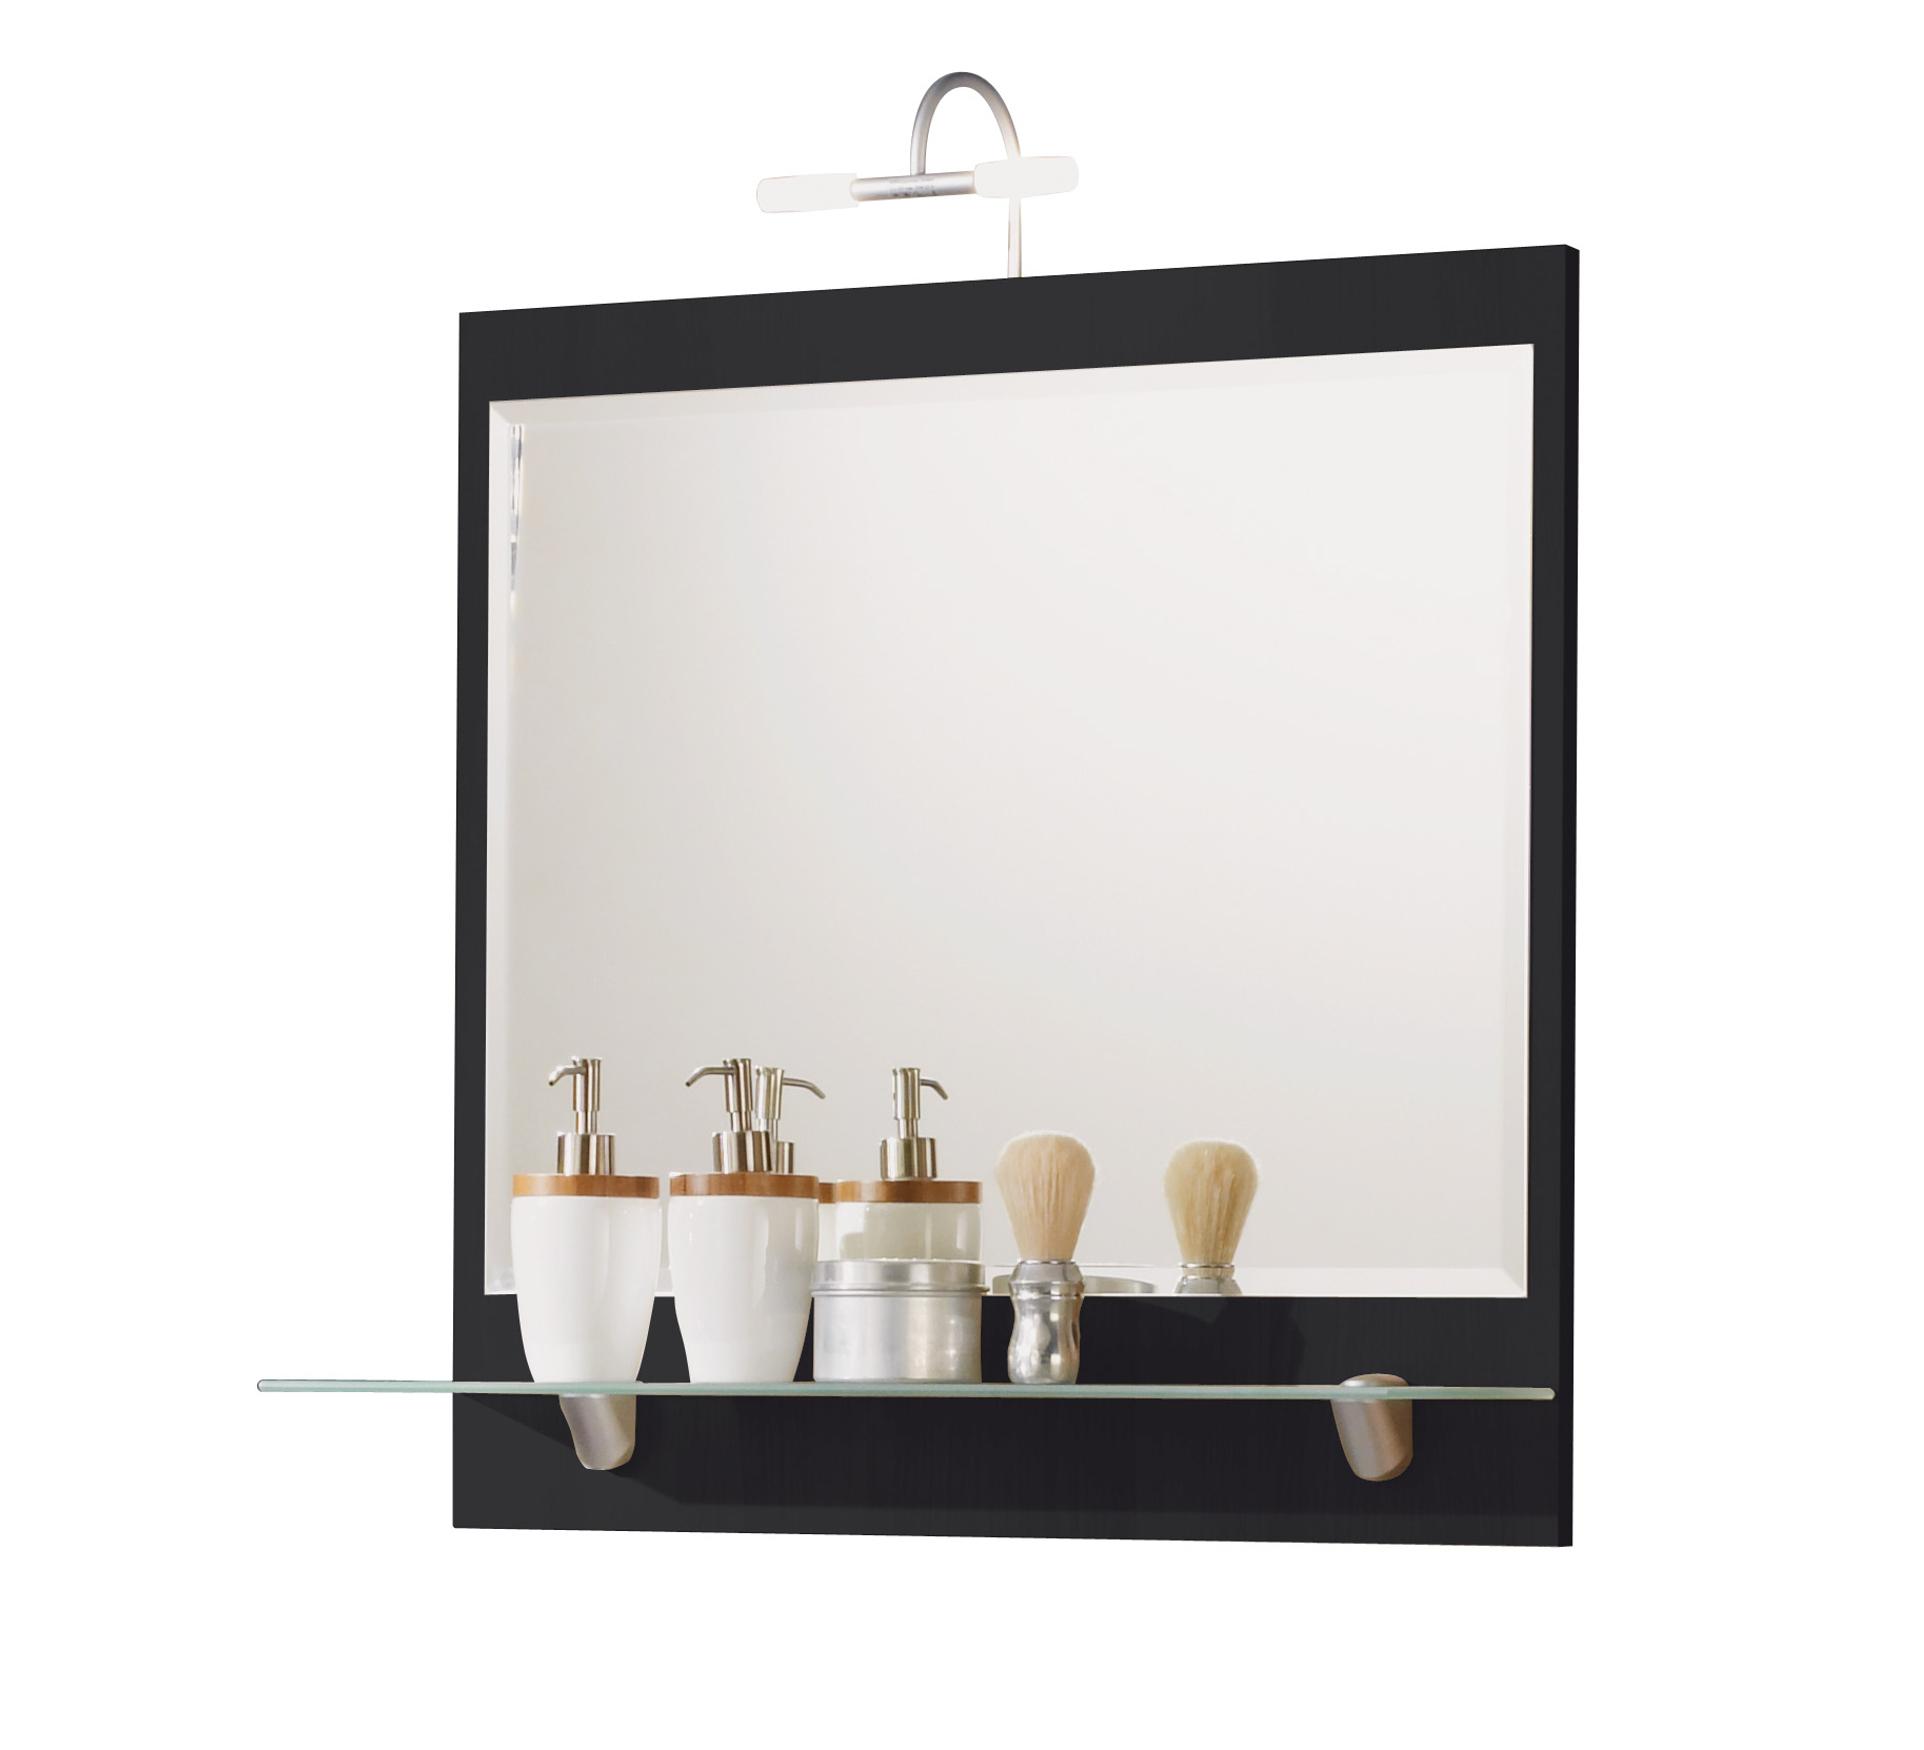 Posseik badezimmer spiegel salona spiegelpaneel ablage for Spiegel ablage badezimmer